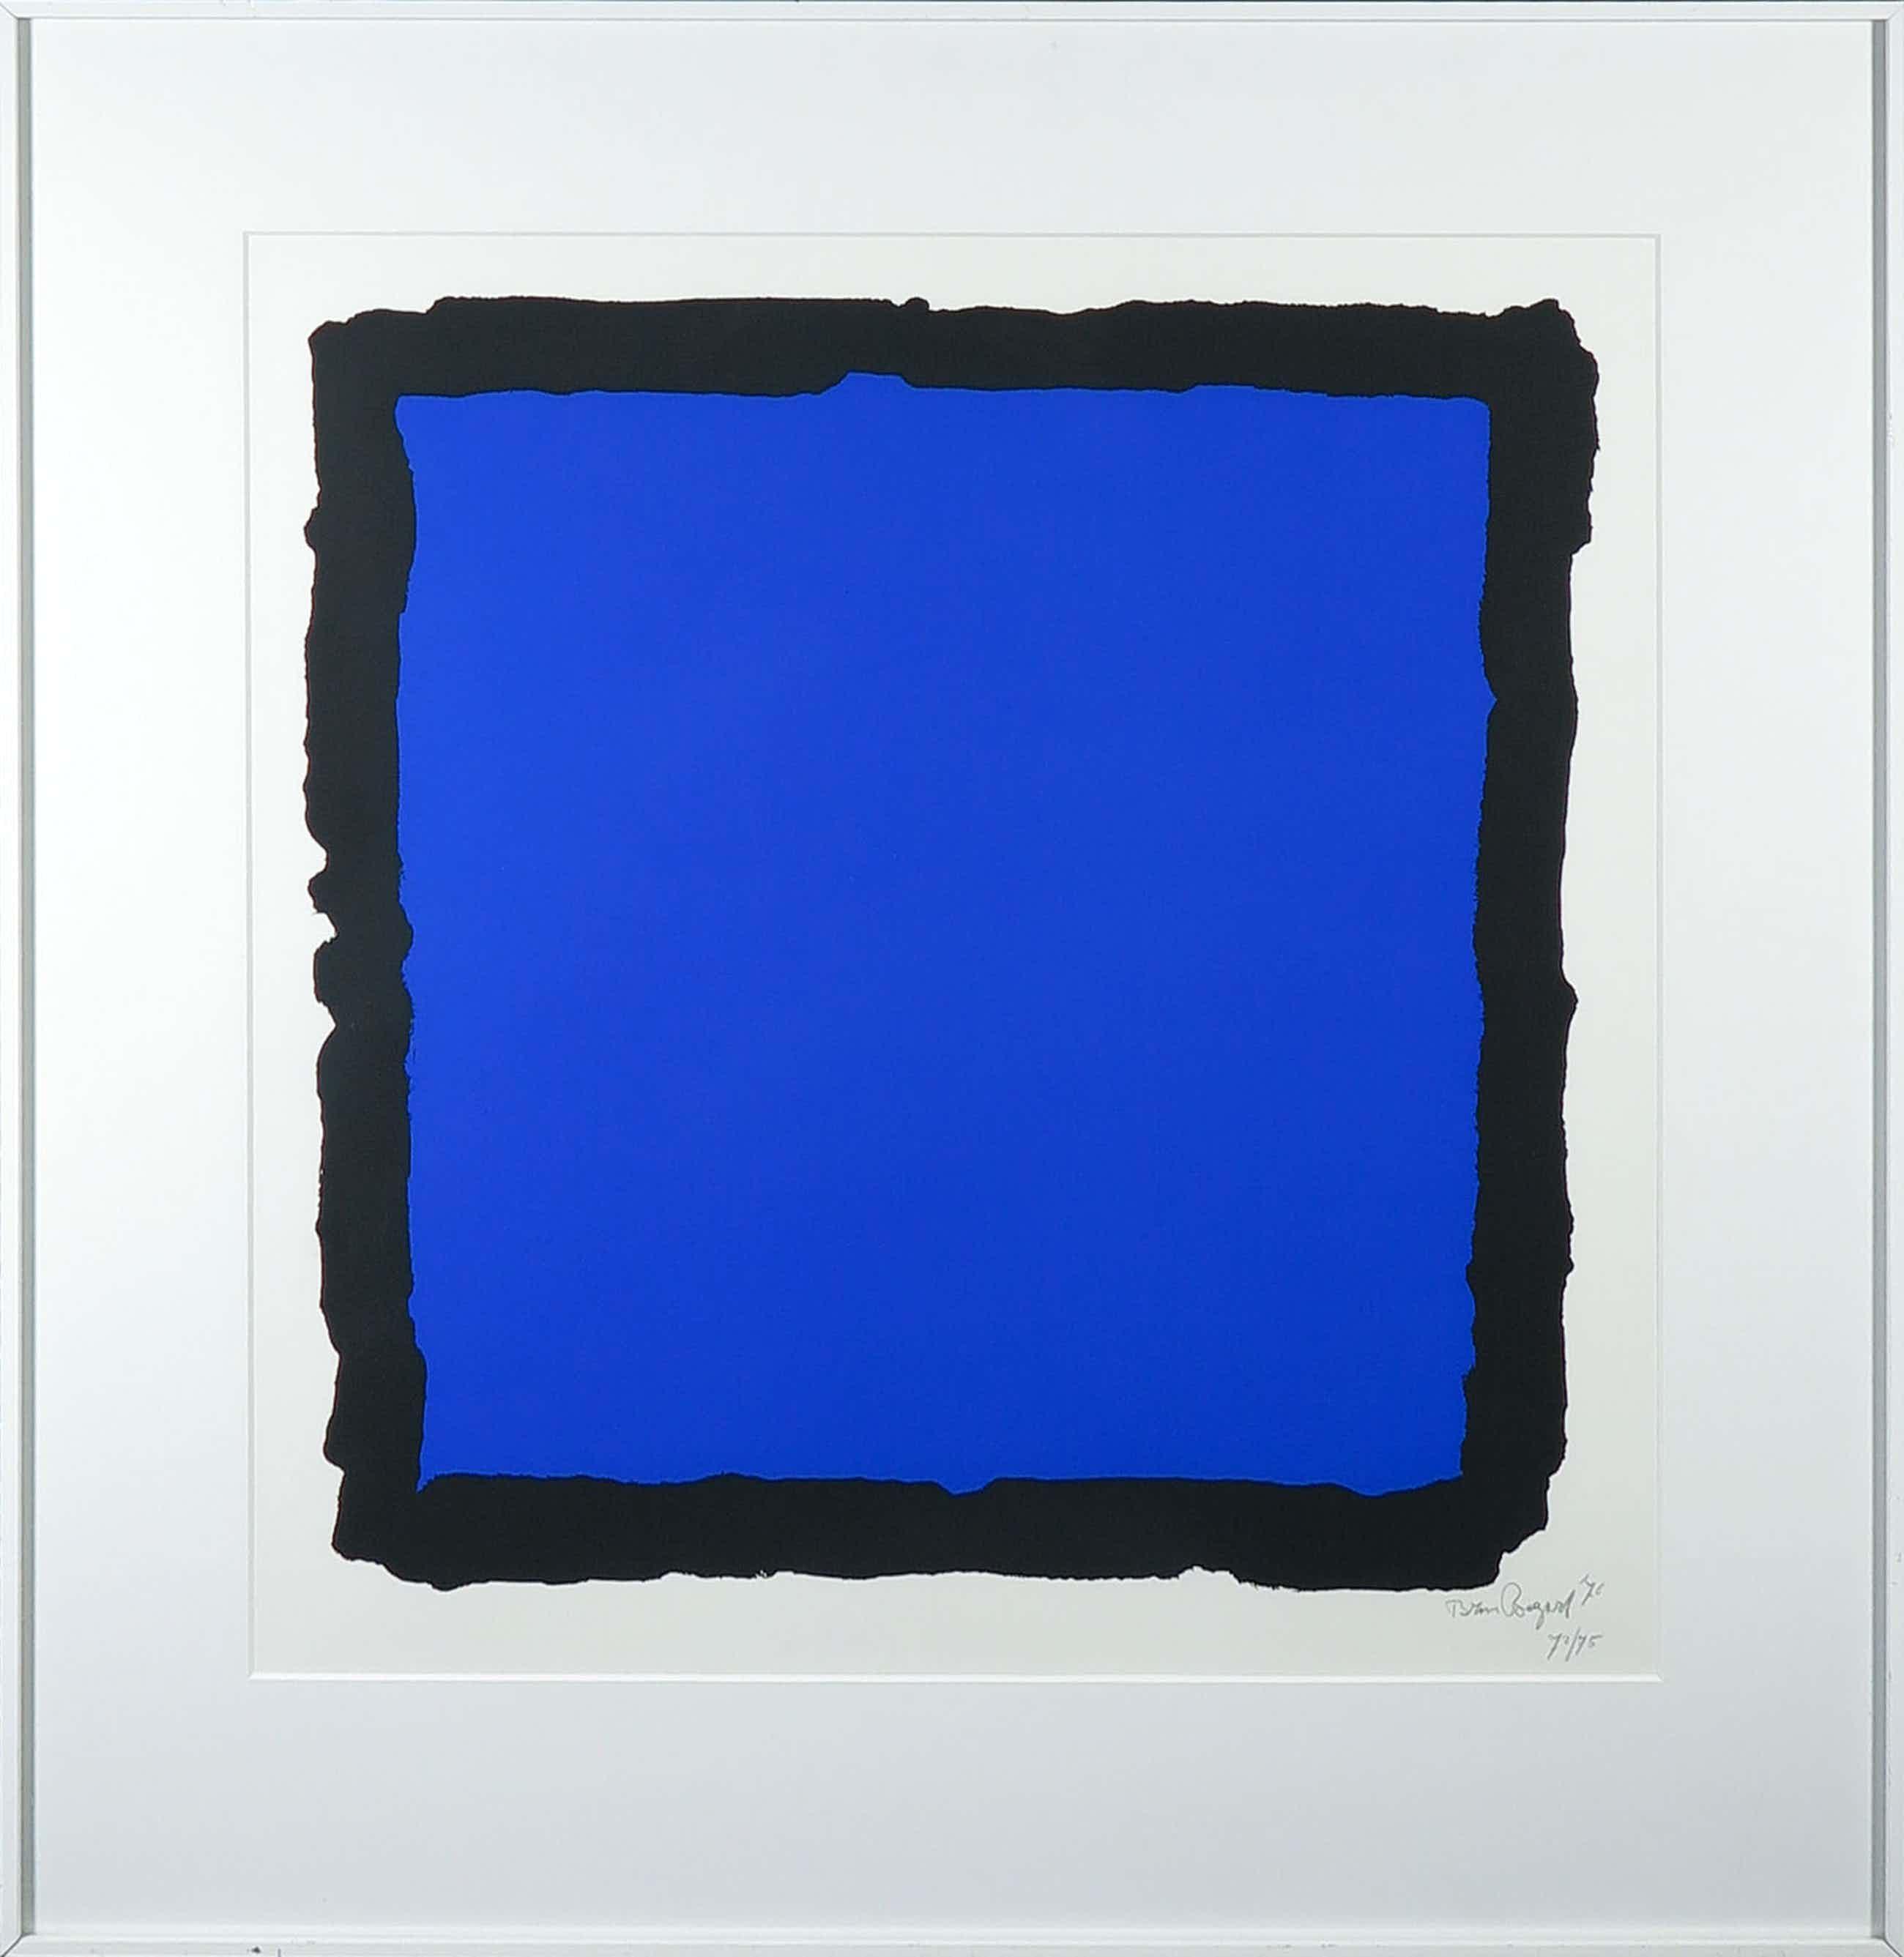 Bram Bogart - Zeefdruk, Z.T. Compositie in blauw en zwart - Ingelijst kopen? Bied vanaf 280!